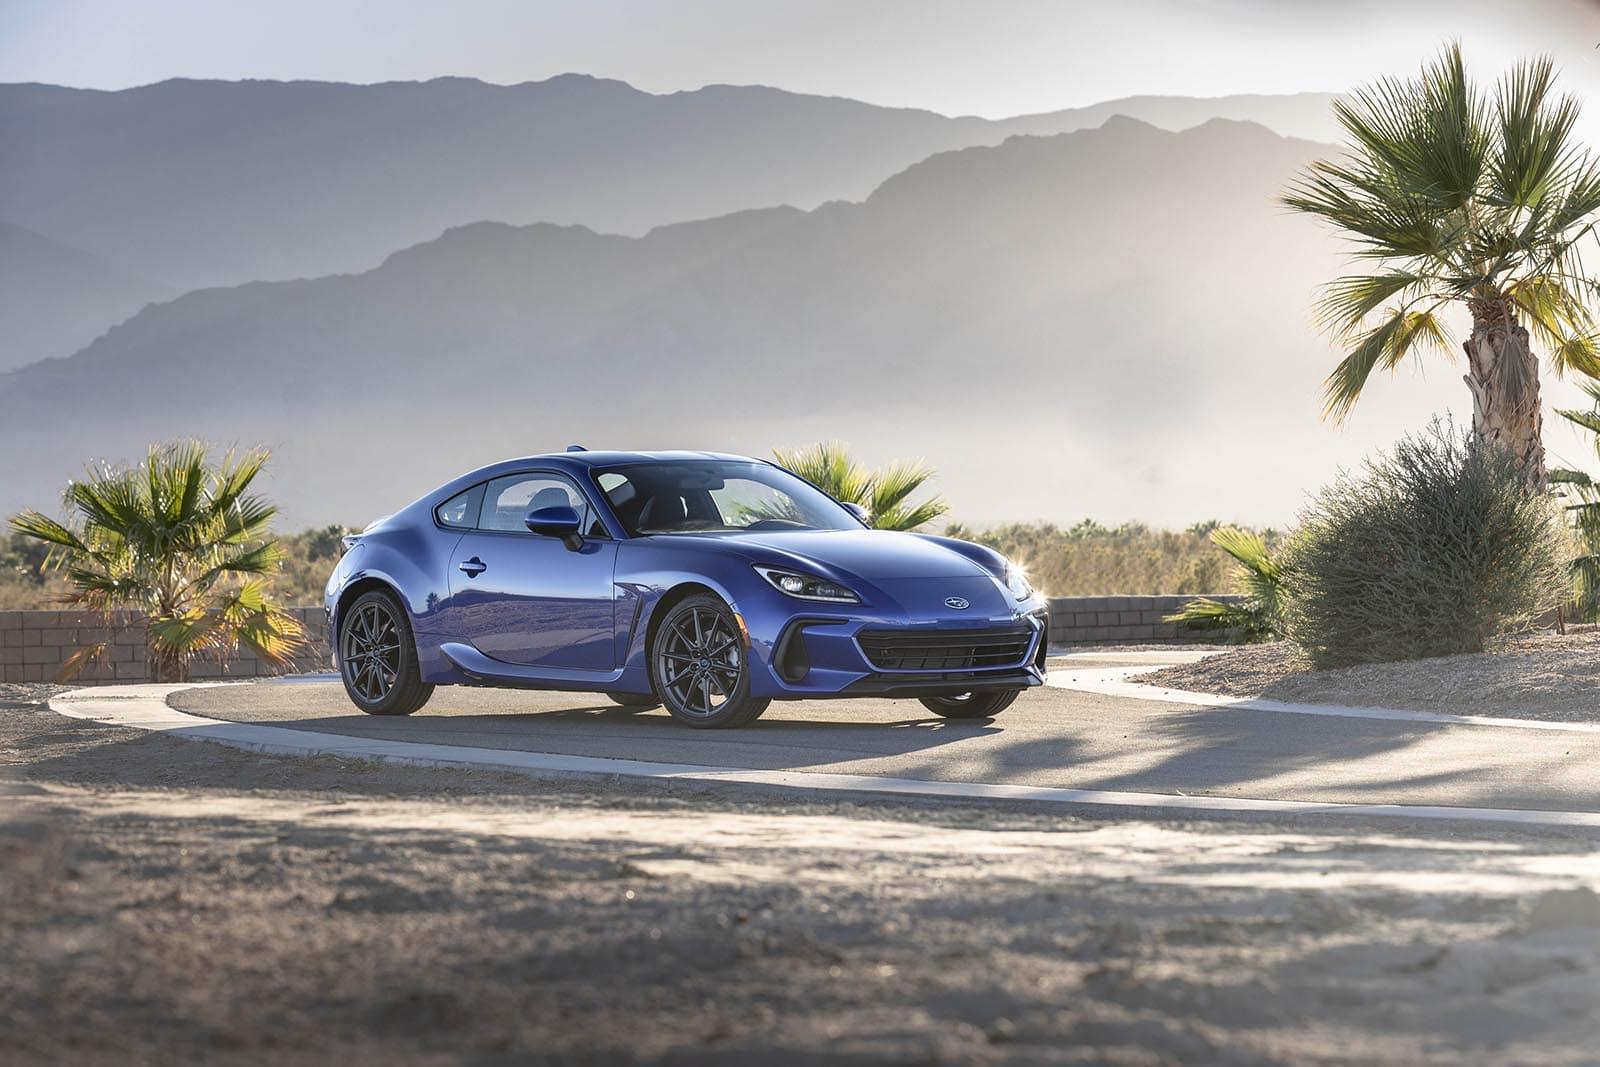 First Look: 2022 Subaru BRZ | The Detroit Bureau